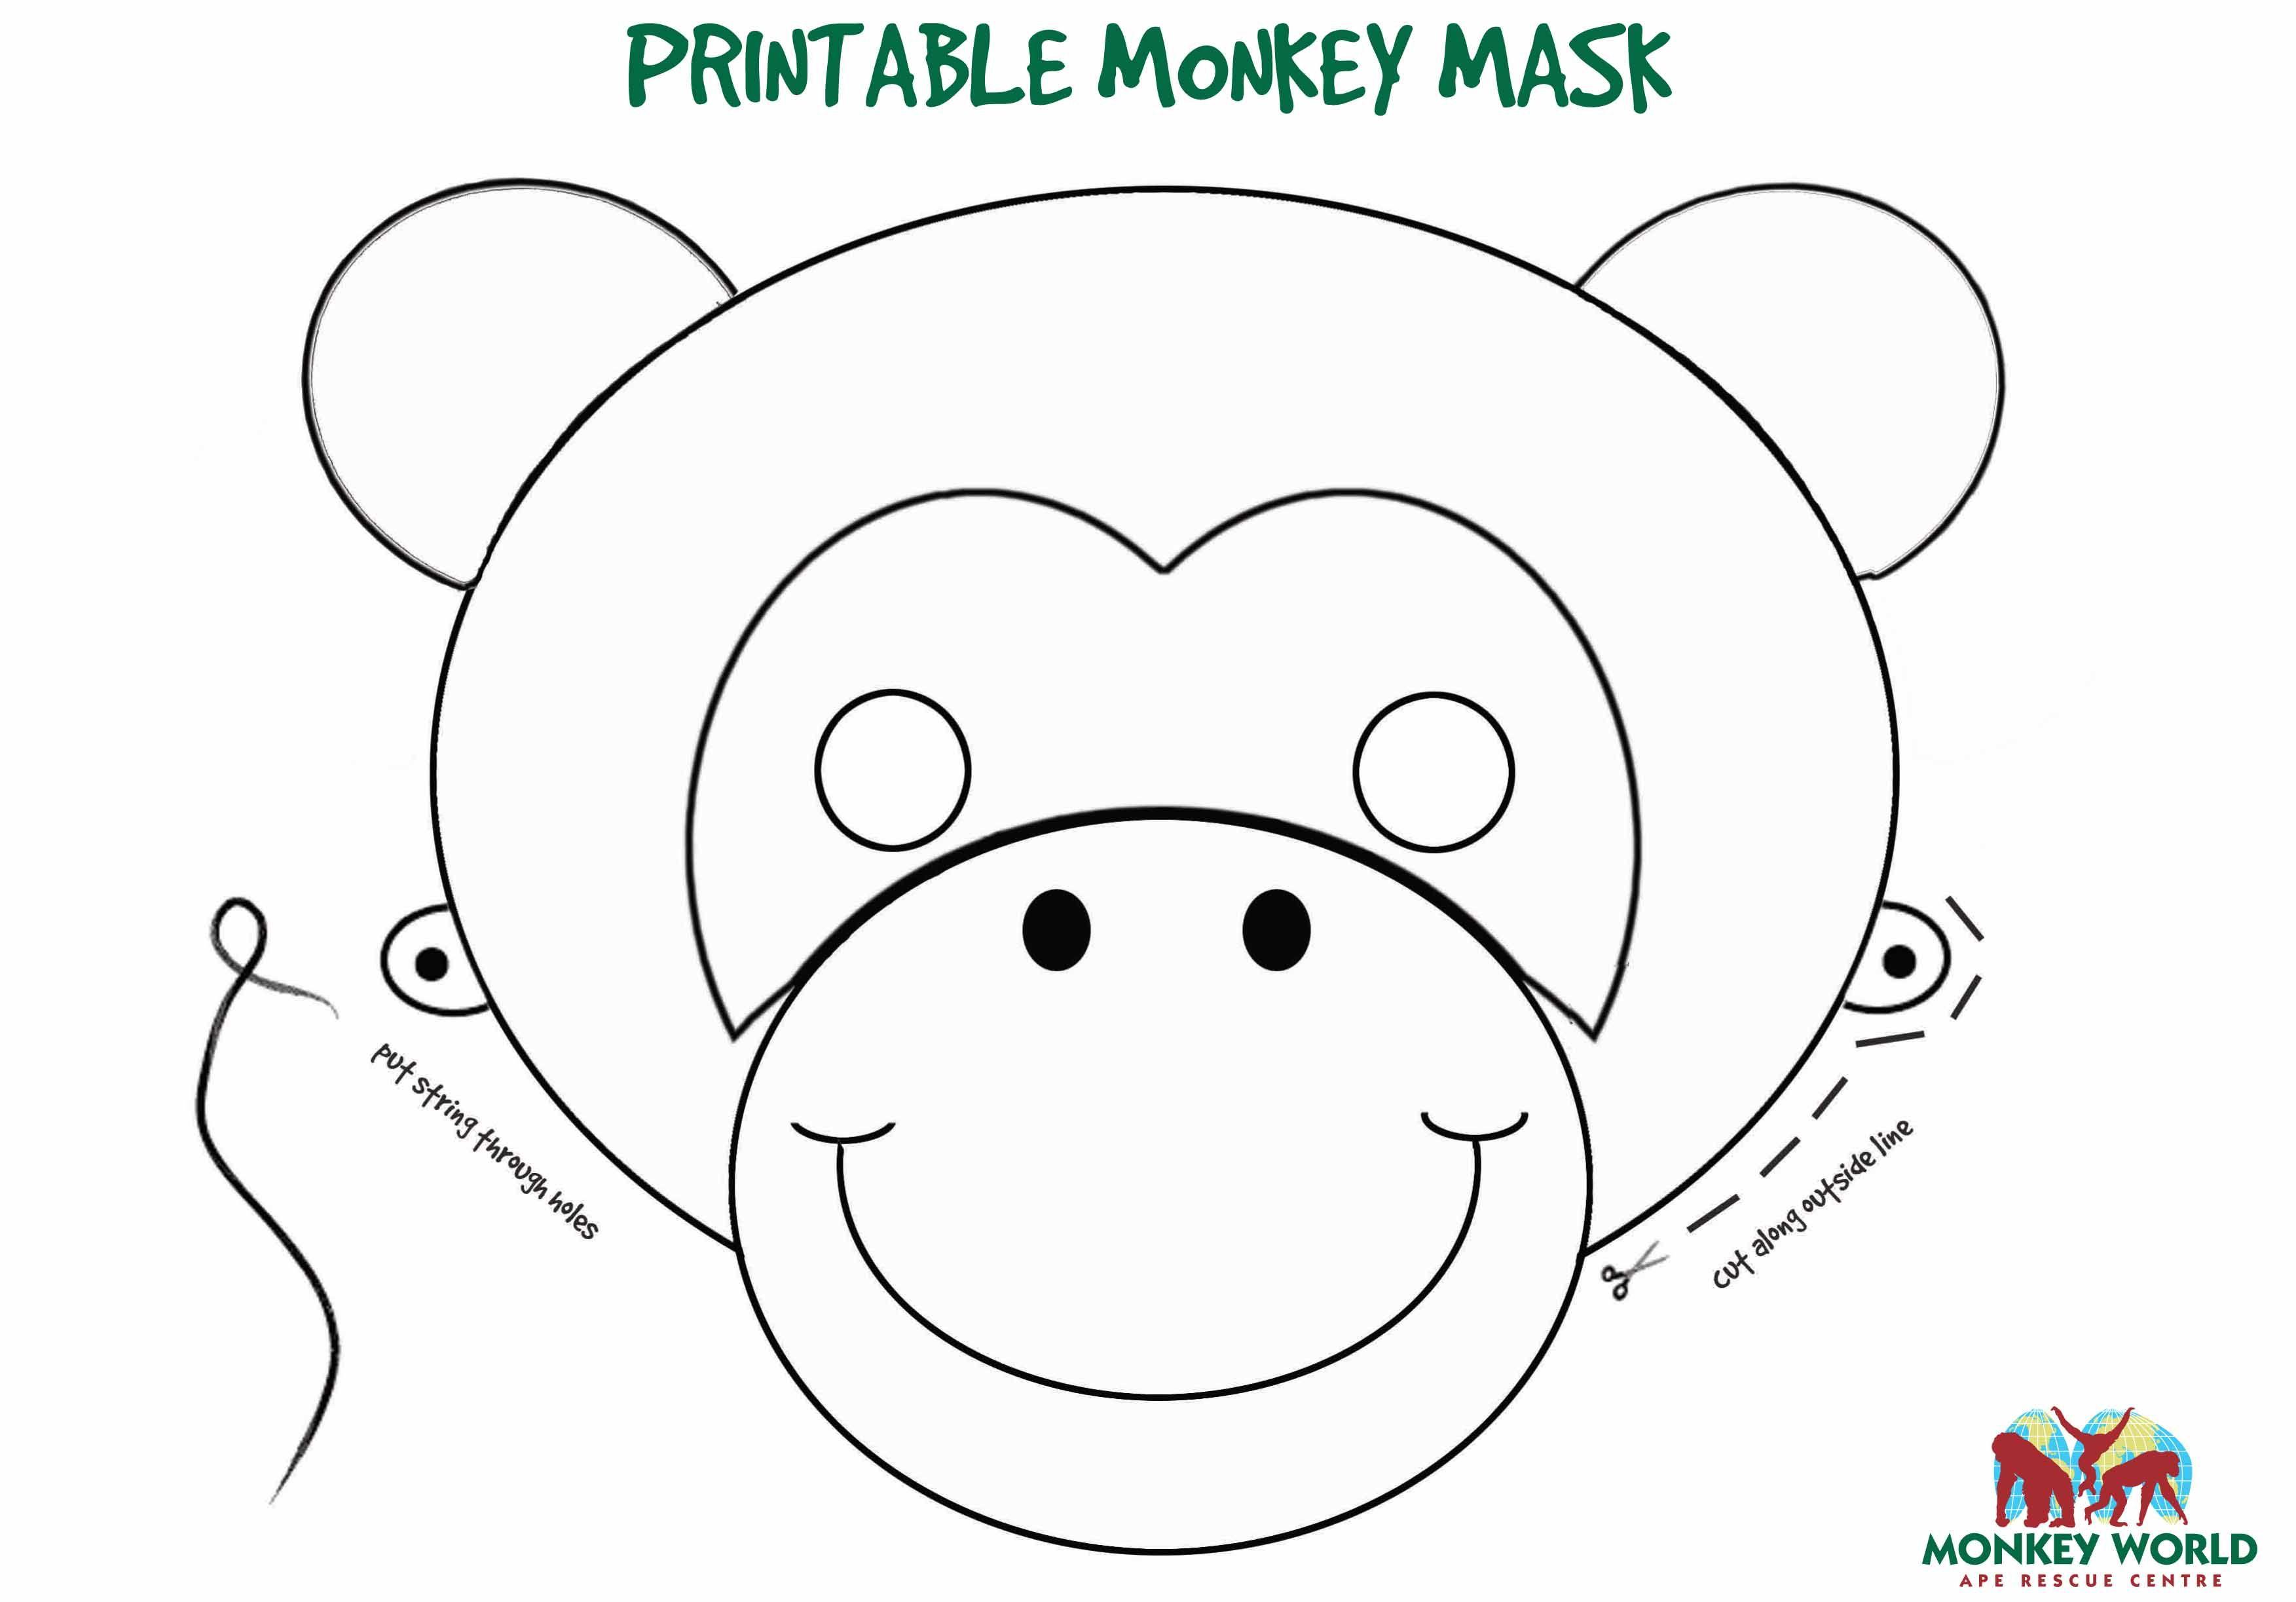 Monkey World Ape Rescue Centre